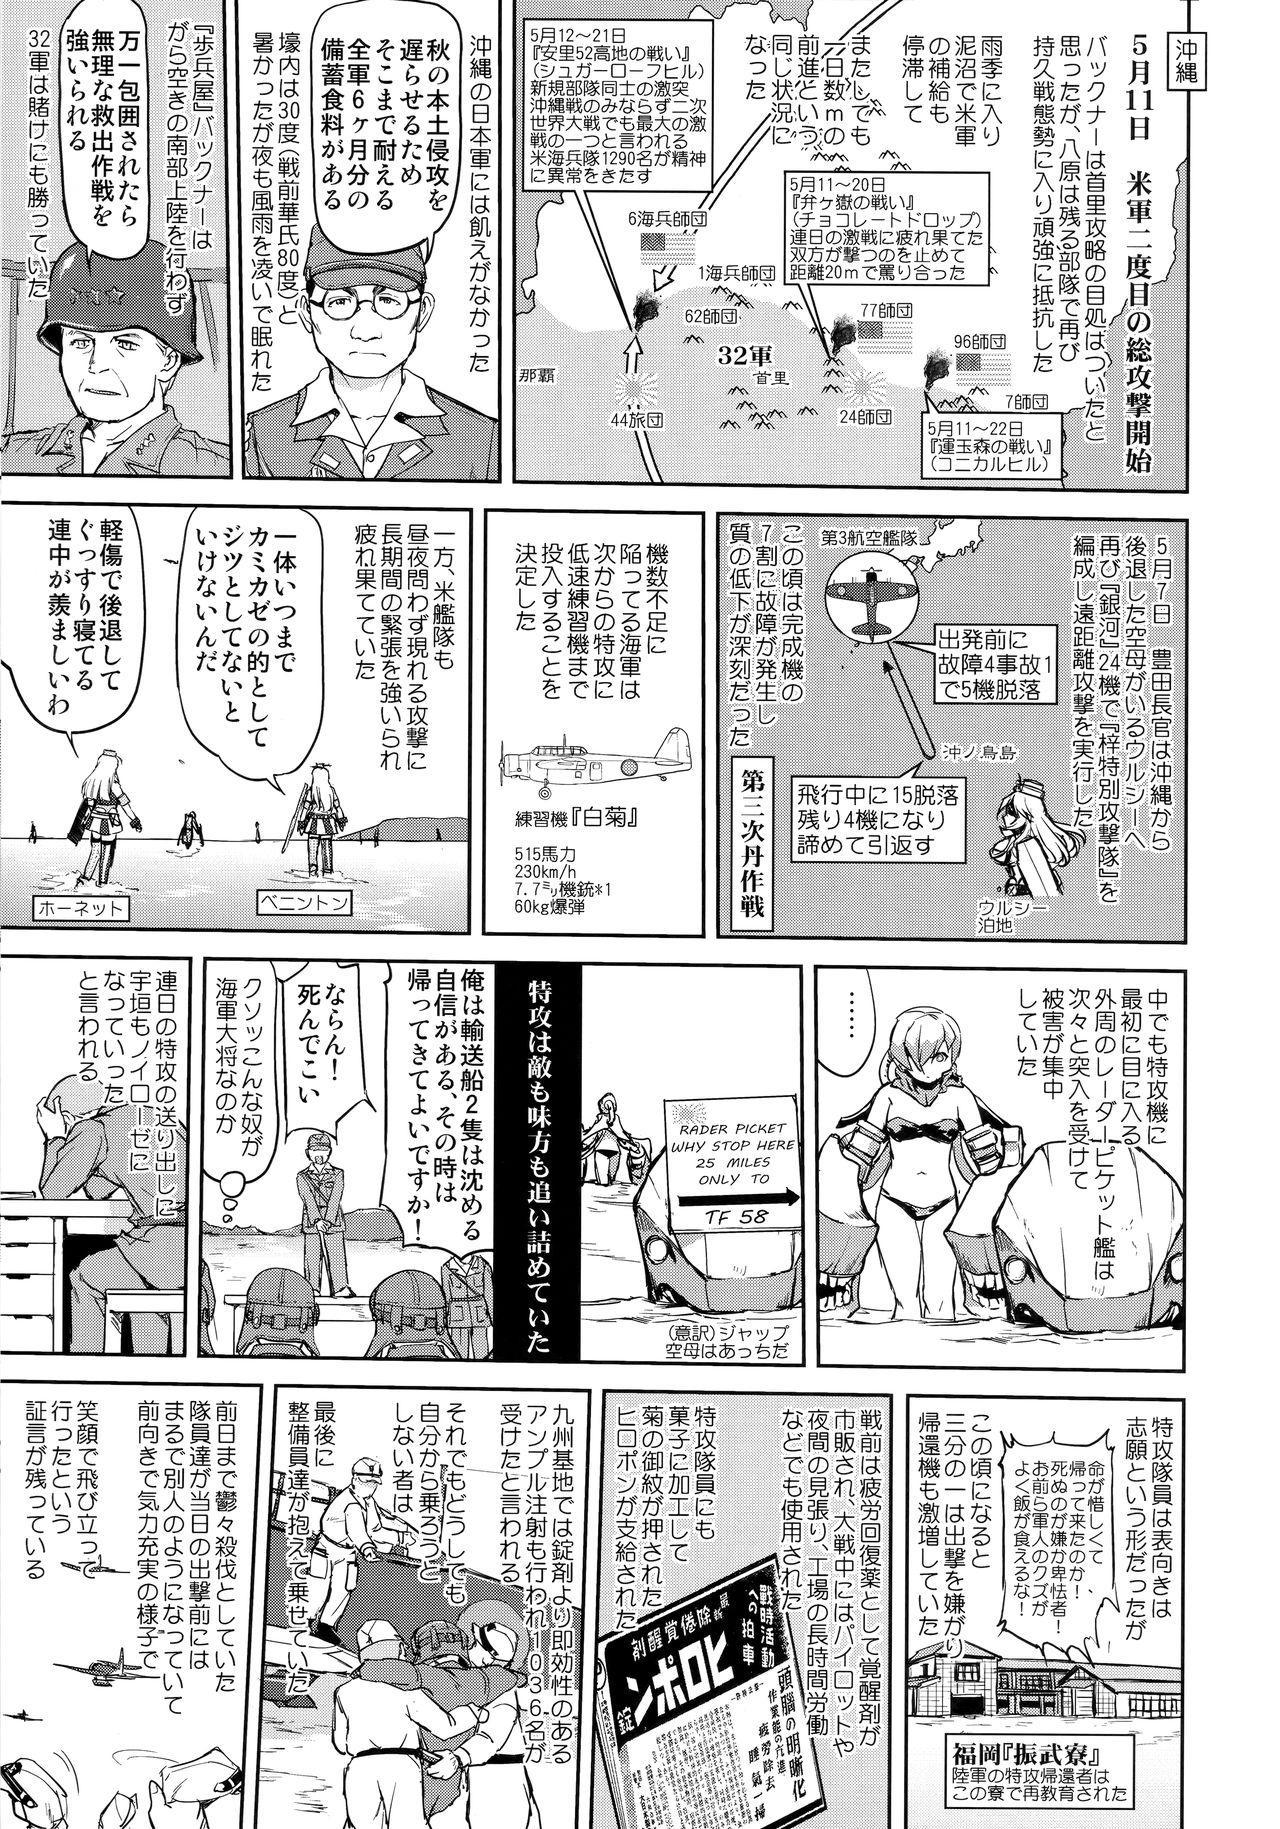 Teitoku no Ketsudan Kanmusu no Ichiban Nagai Hi 27